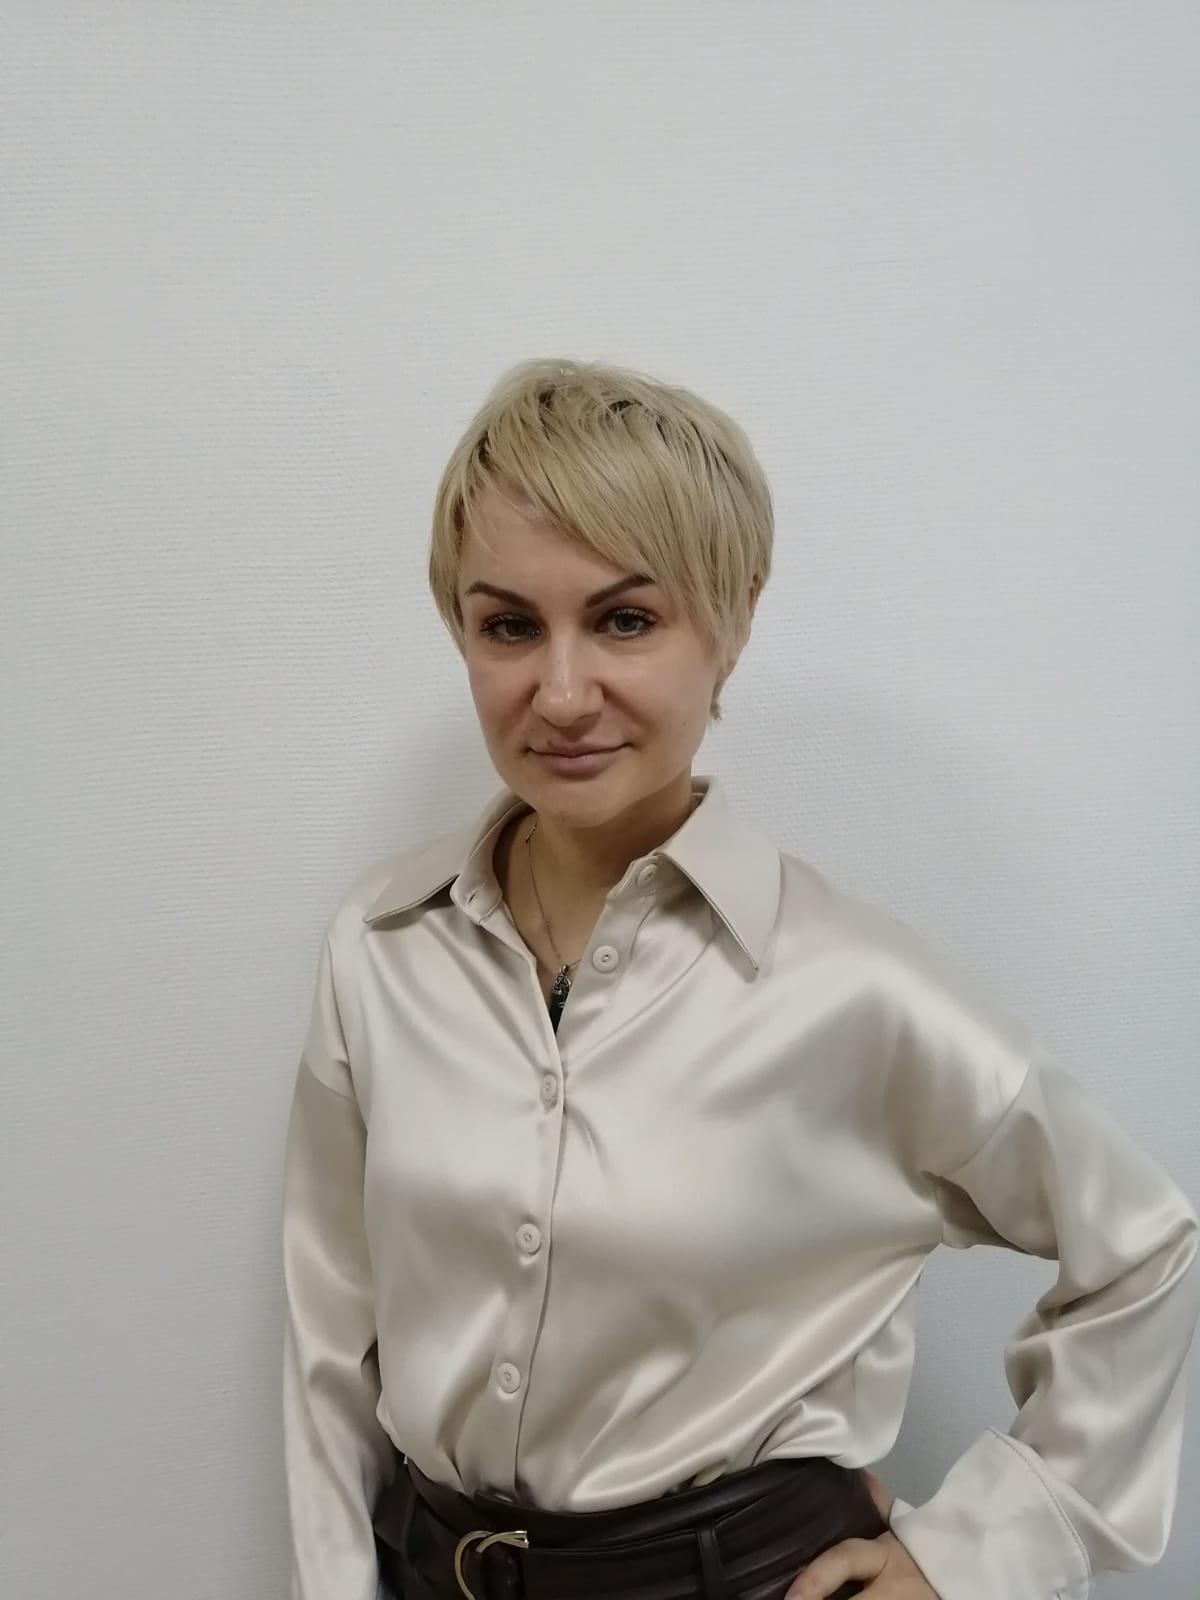 Ботова Юлия Борисовна